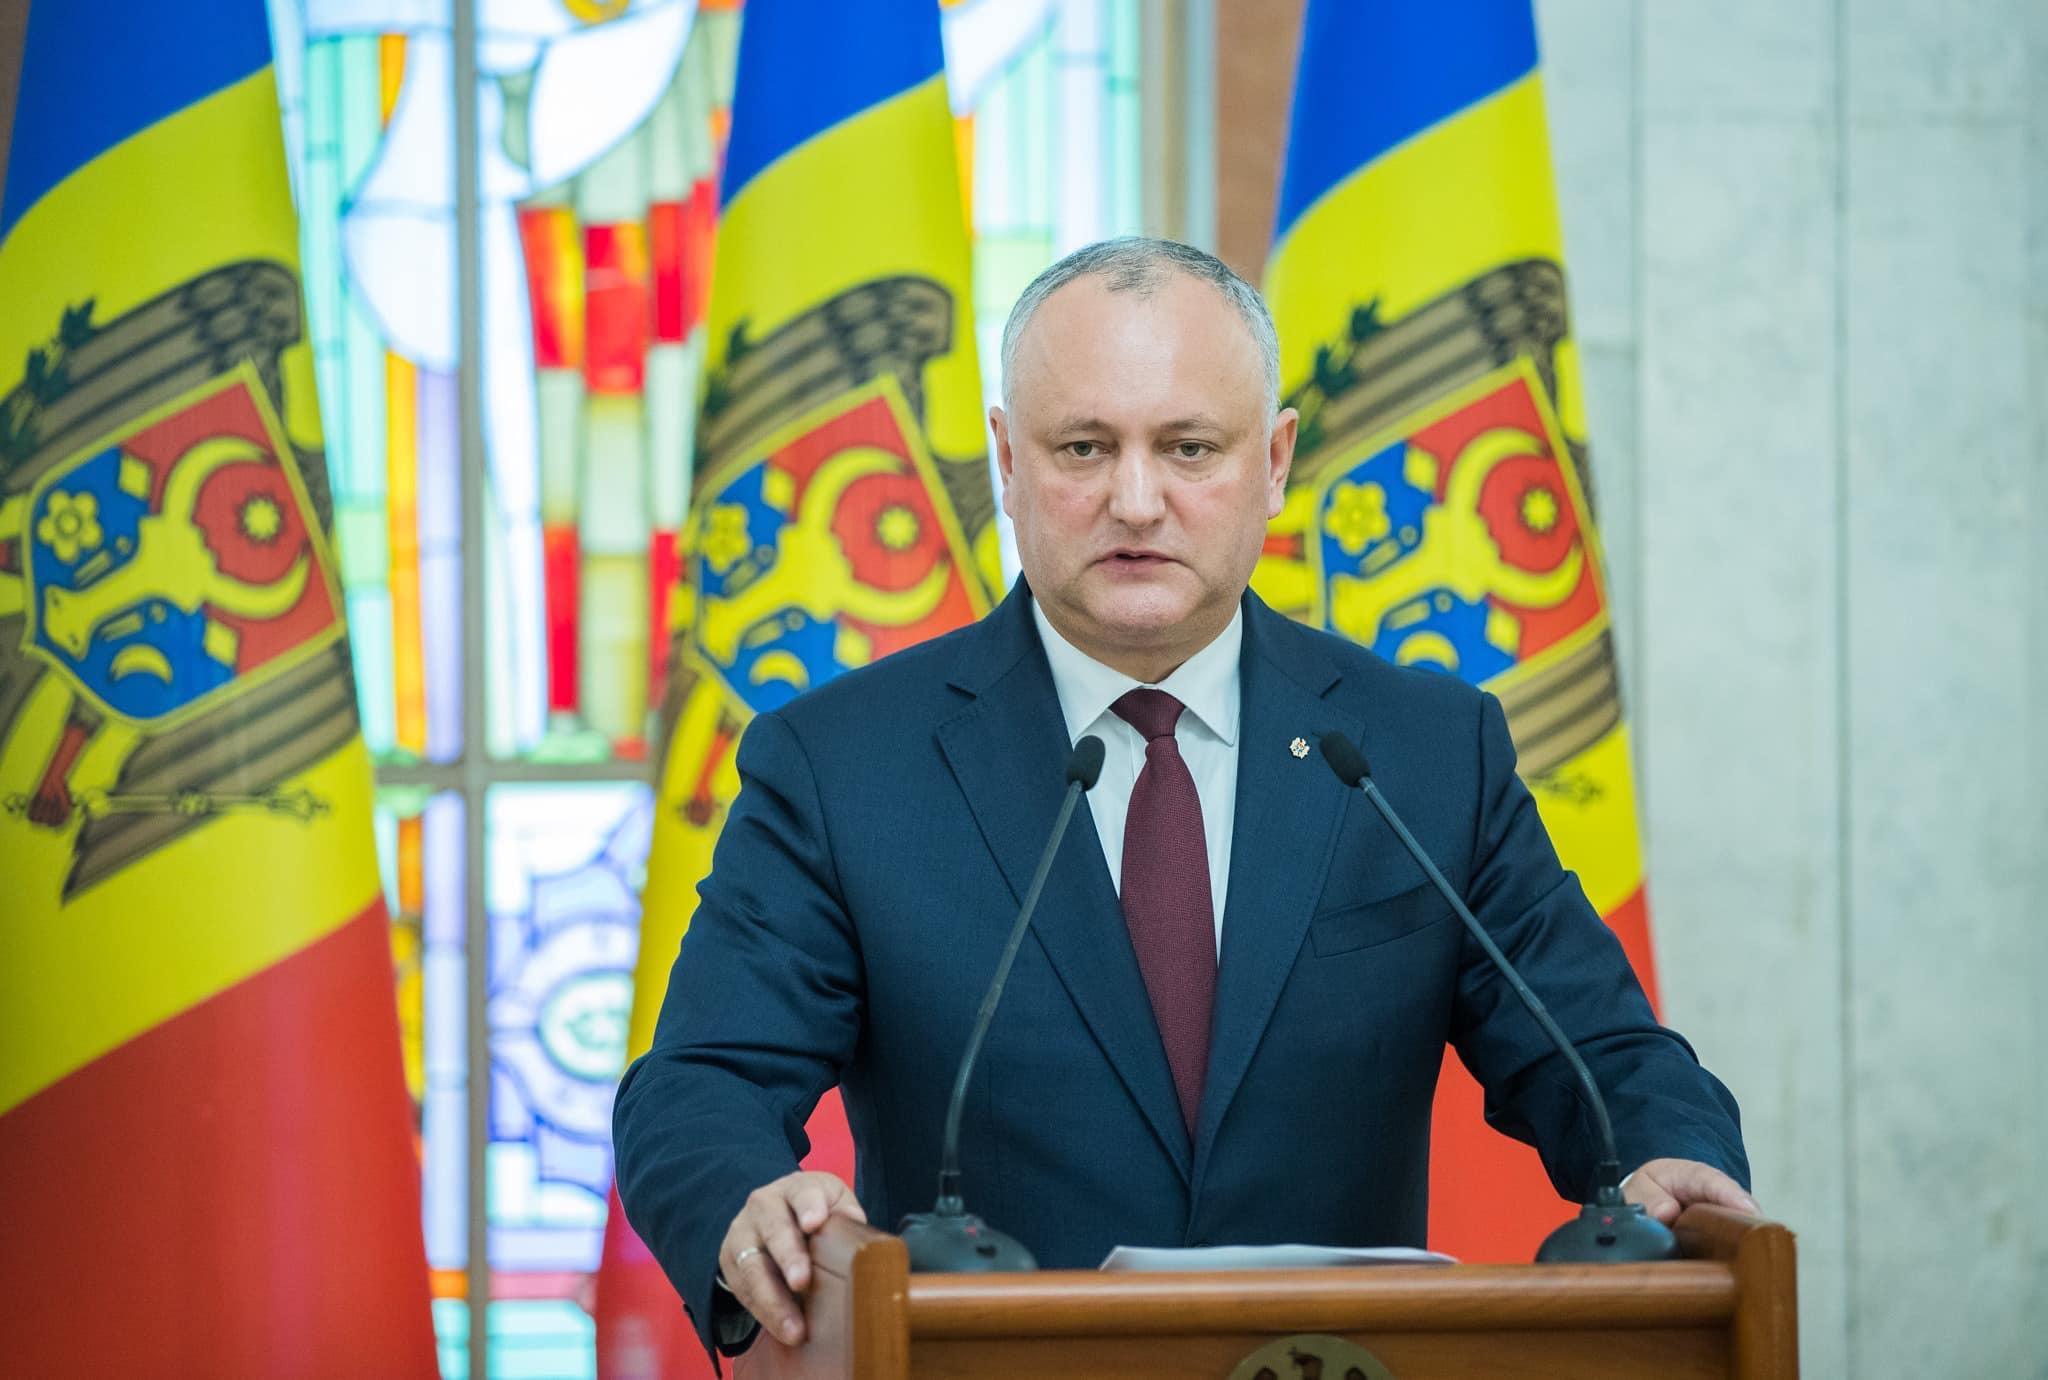 Опрос: Эксперты уверены в победе Игоря Додона на президентских выборах